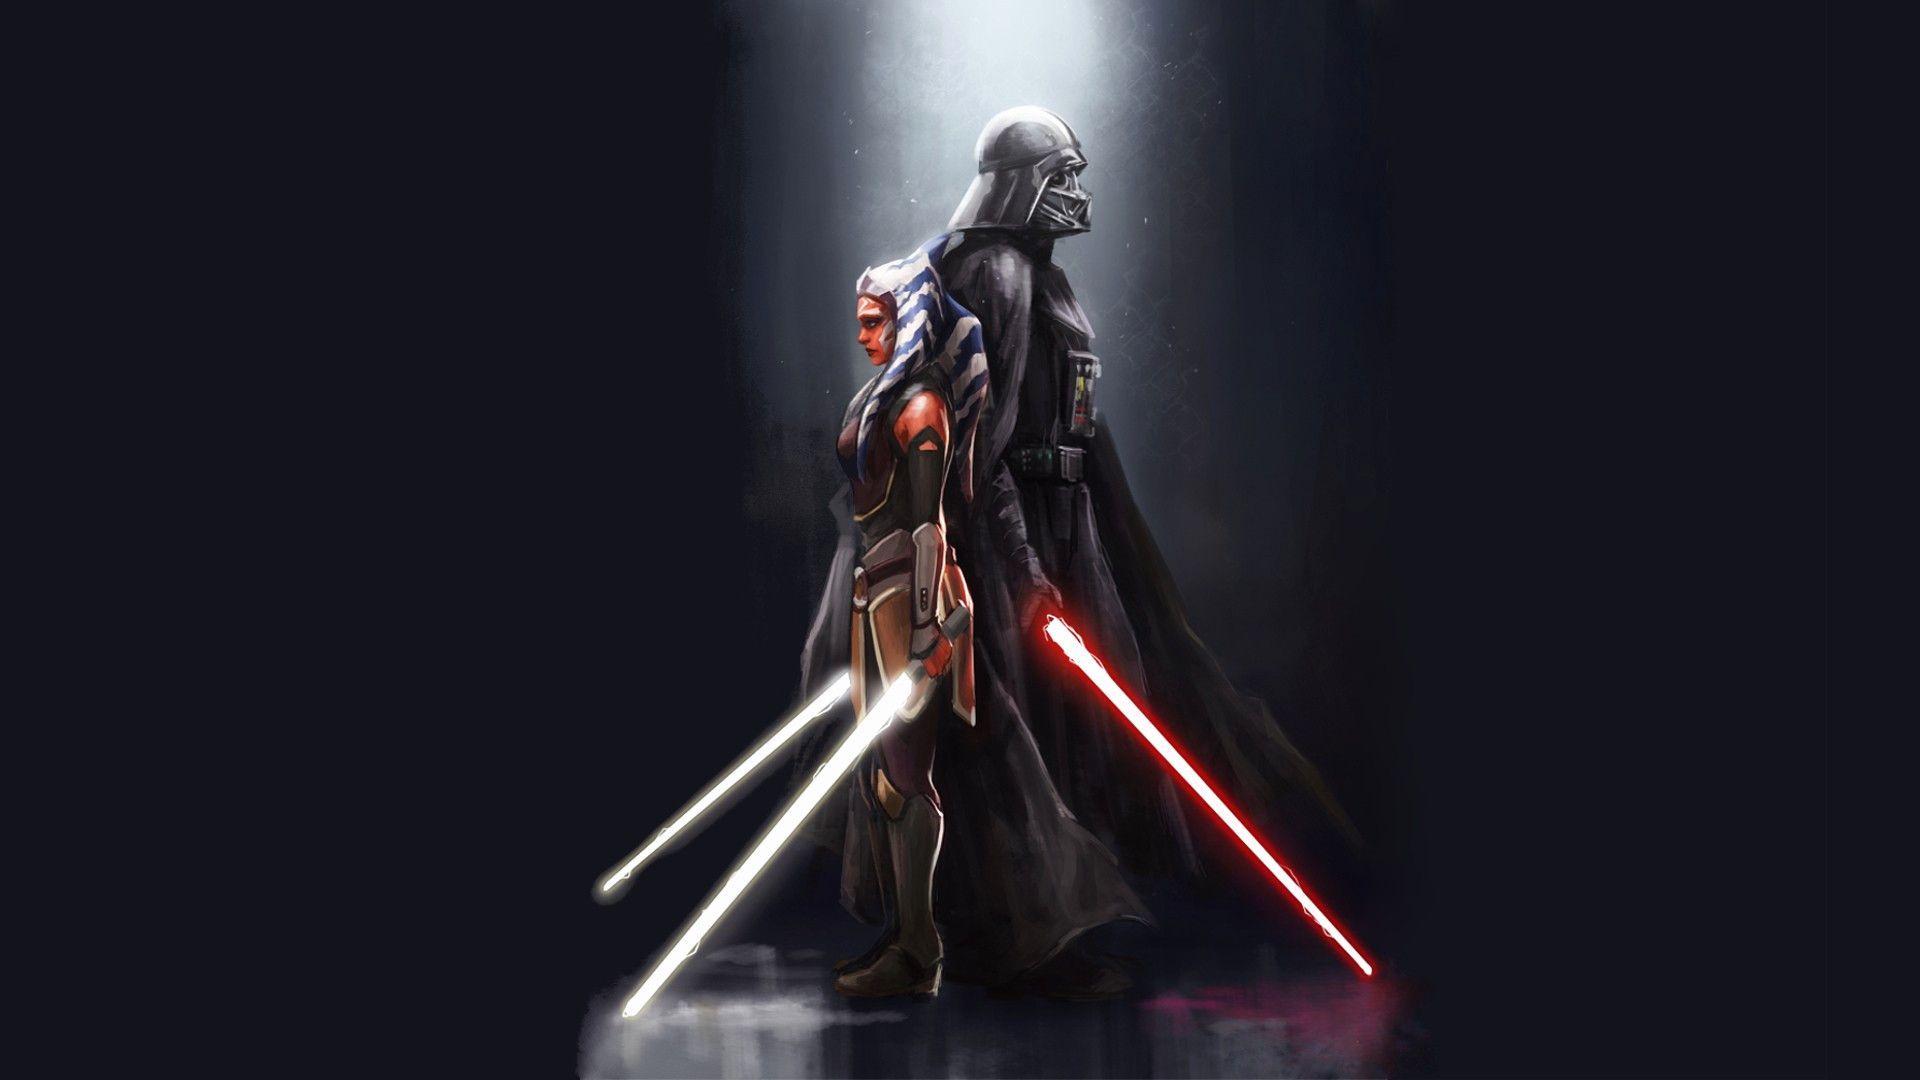 Vader Wallpaper 4k Nosirix